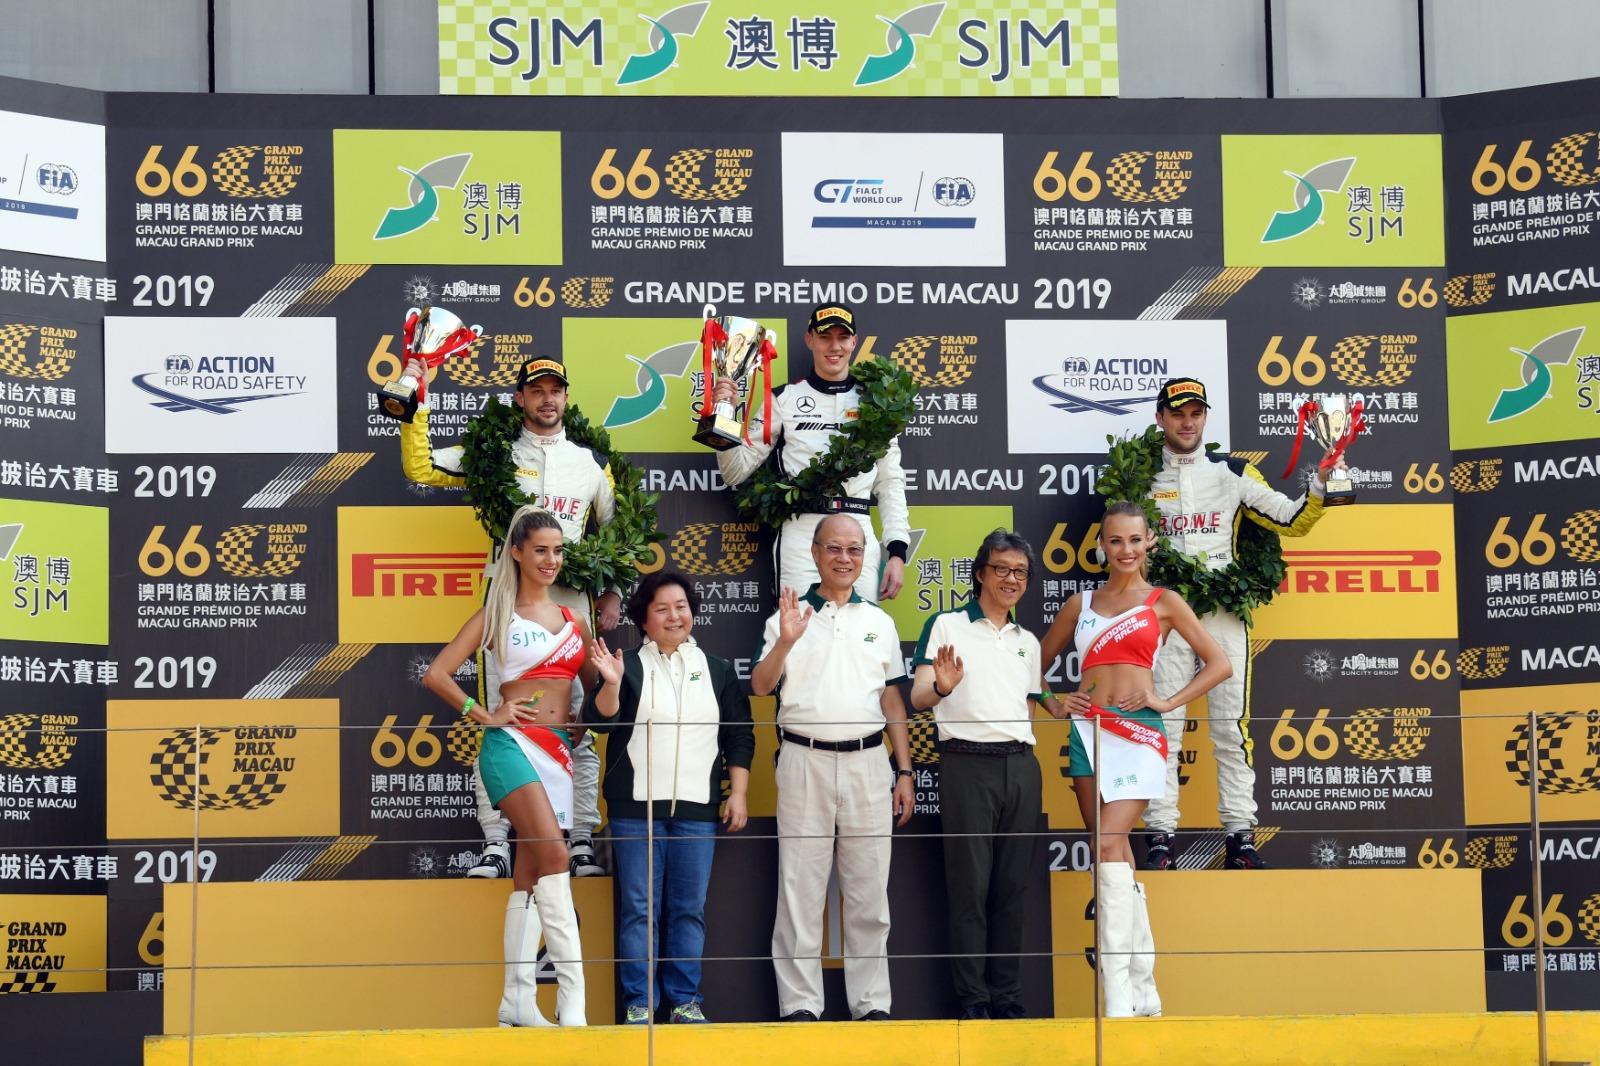 澳博董事蘇樹輝(前排中)、何超蕸(前排左二),以及岑康權(前排右二)頒獎予「澳博澳門GT盃國際汽聯GT世界盃」選拔賽的得獎車手。相片由公關提供